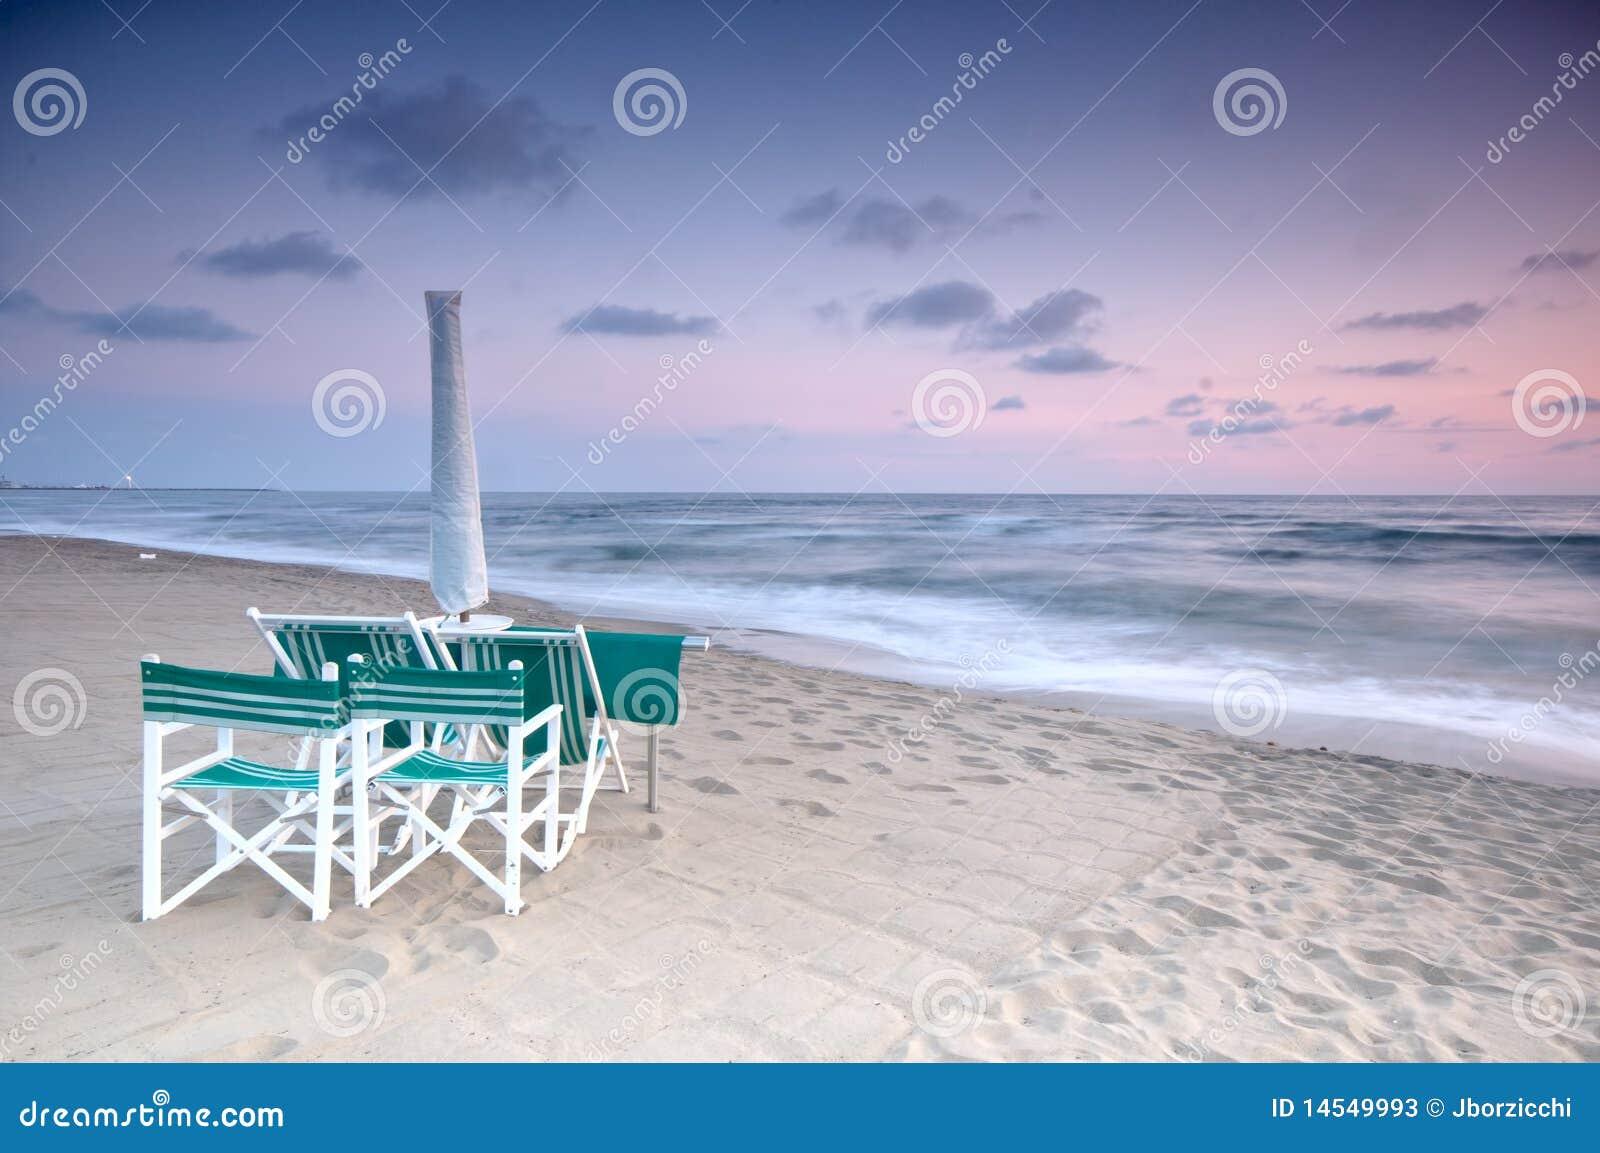 Beach scenic at sunset